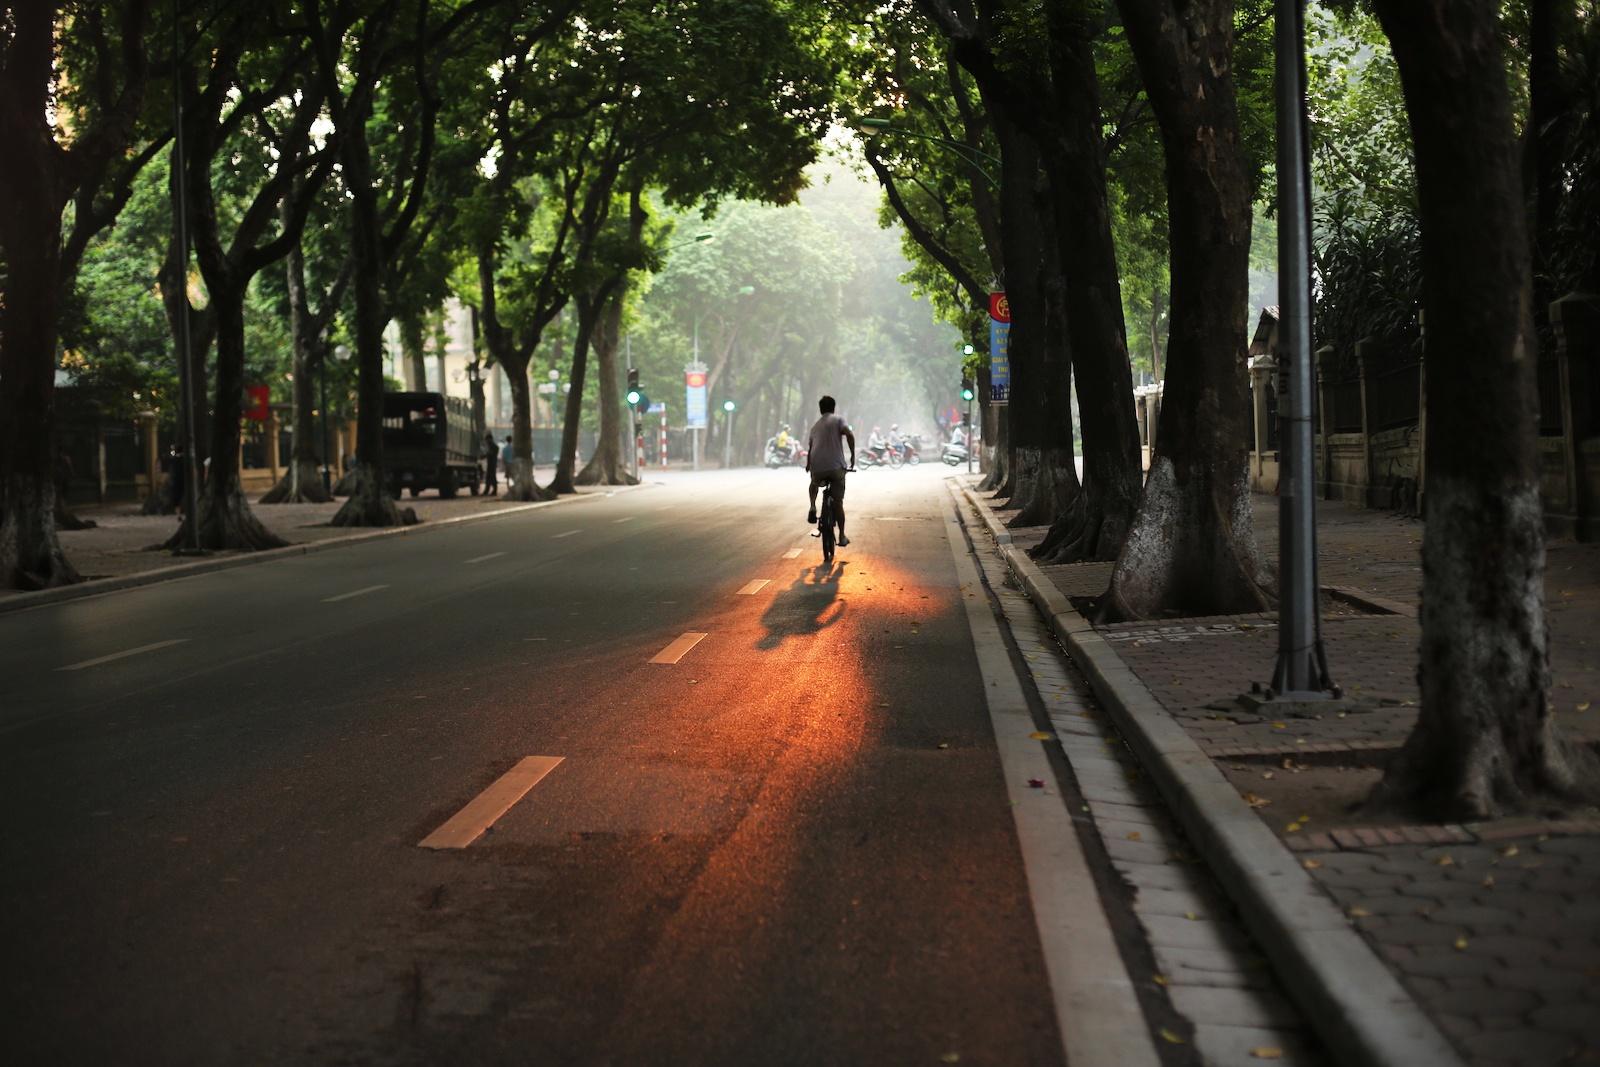 Nhung khoanh khac mua thu Ha Noi lay dong long nguoi hinh anh 4